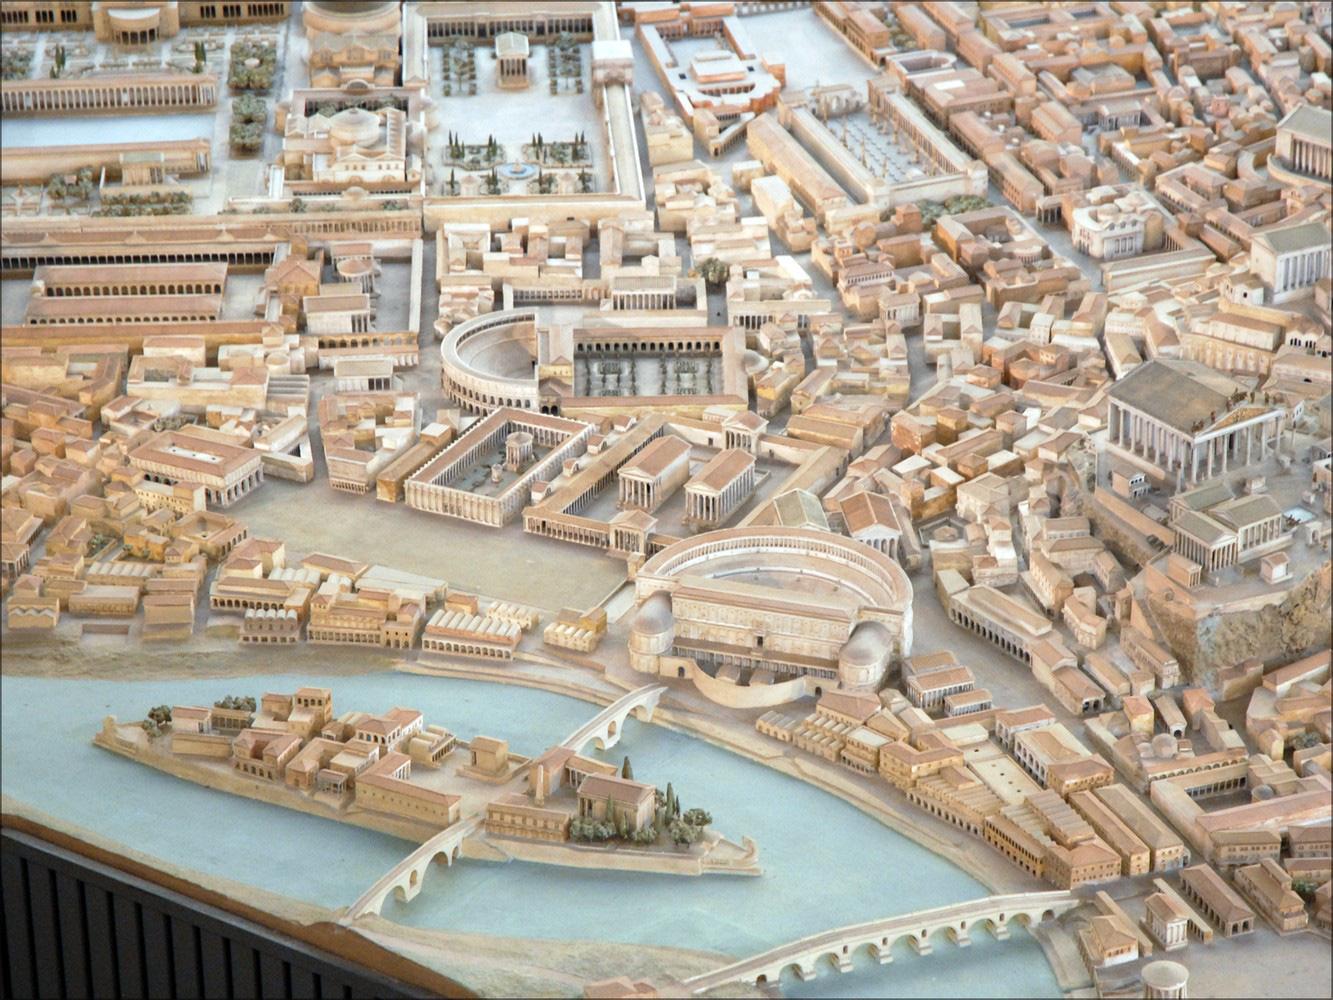 Chiêm ngưỡng mô hình thành Rome cổ đại với tỷ lệ 1:250, mất tới 38 năm mới hoàn thành - Ảnh 2.